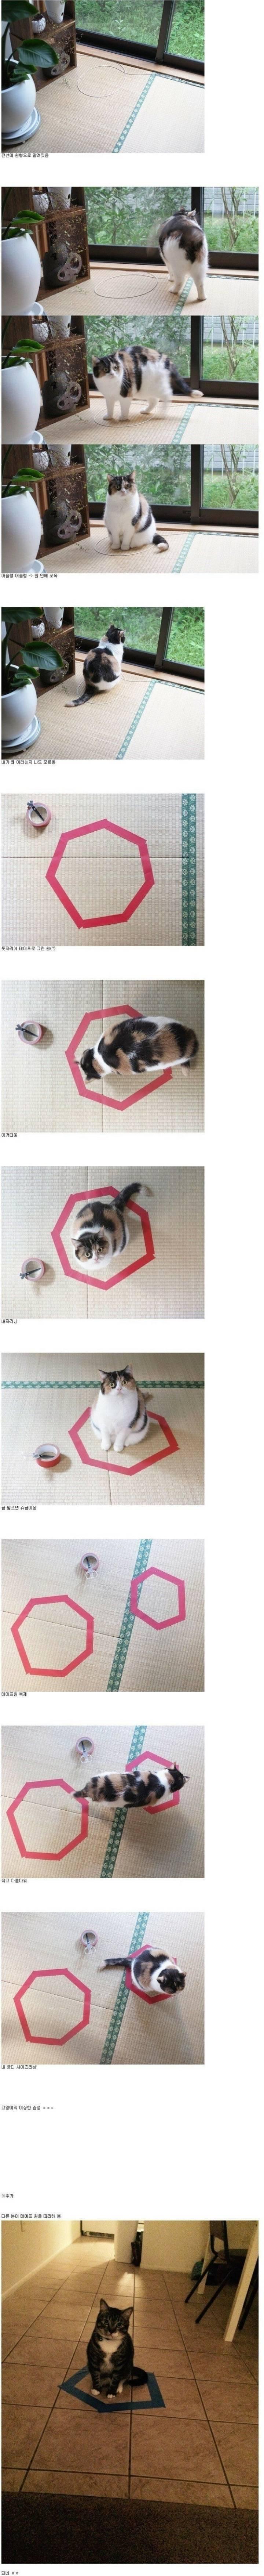 고양이를 포획하는 방법 | 인스티즈